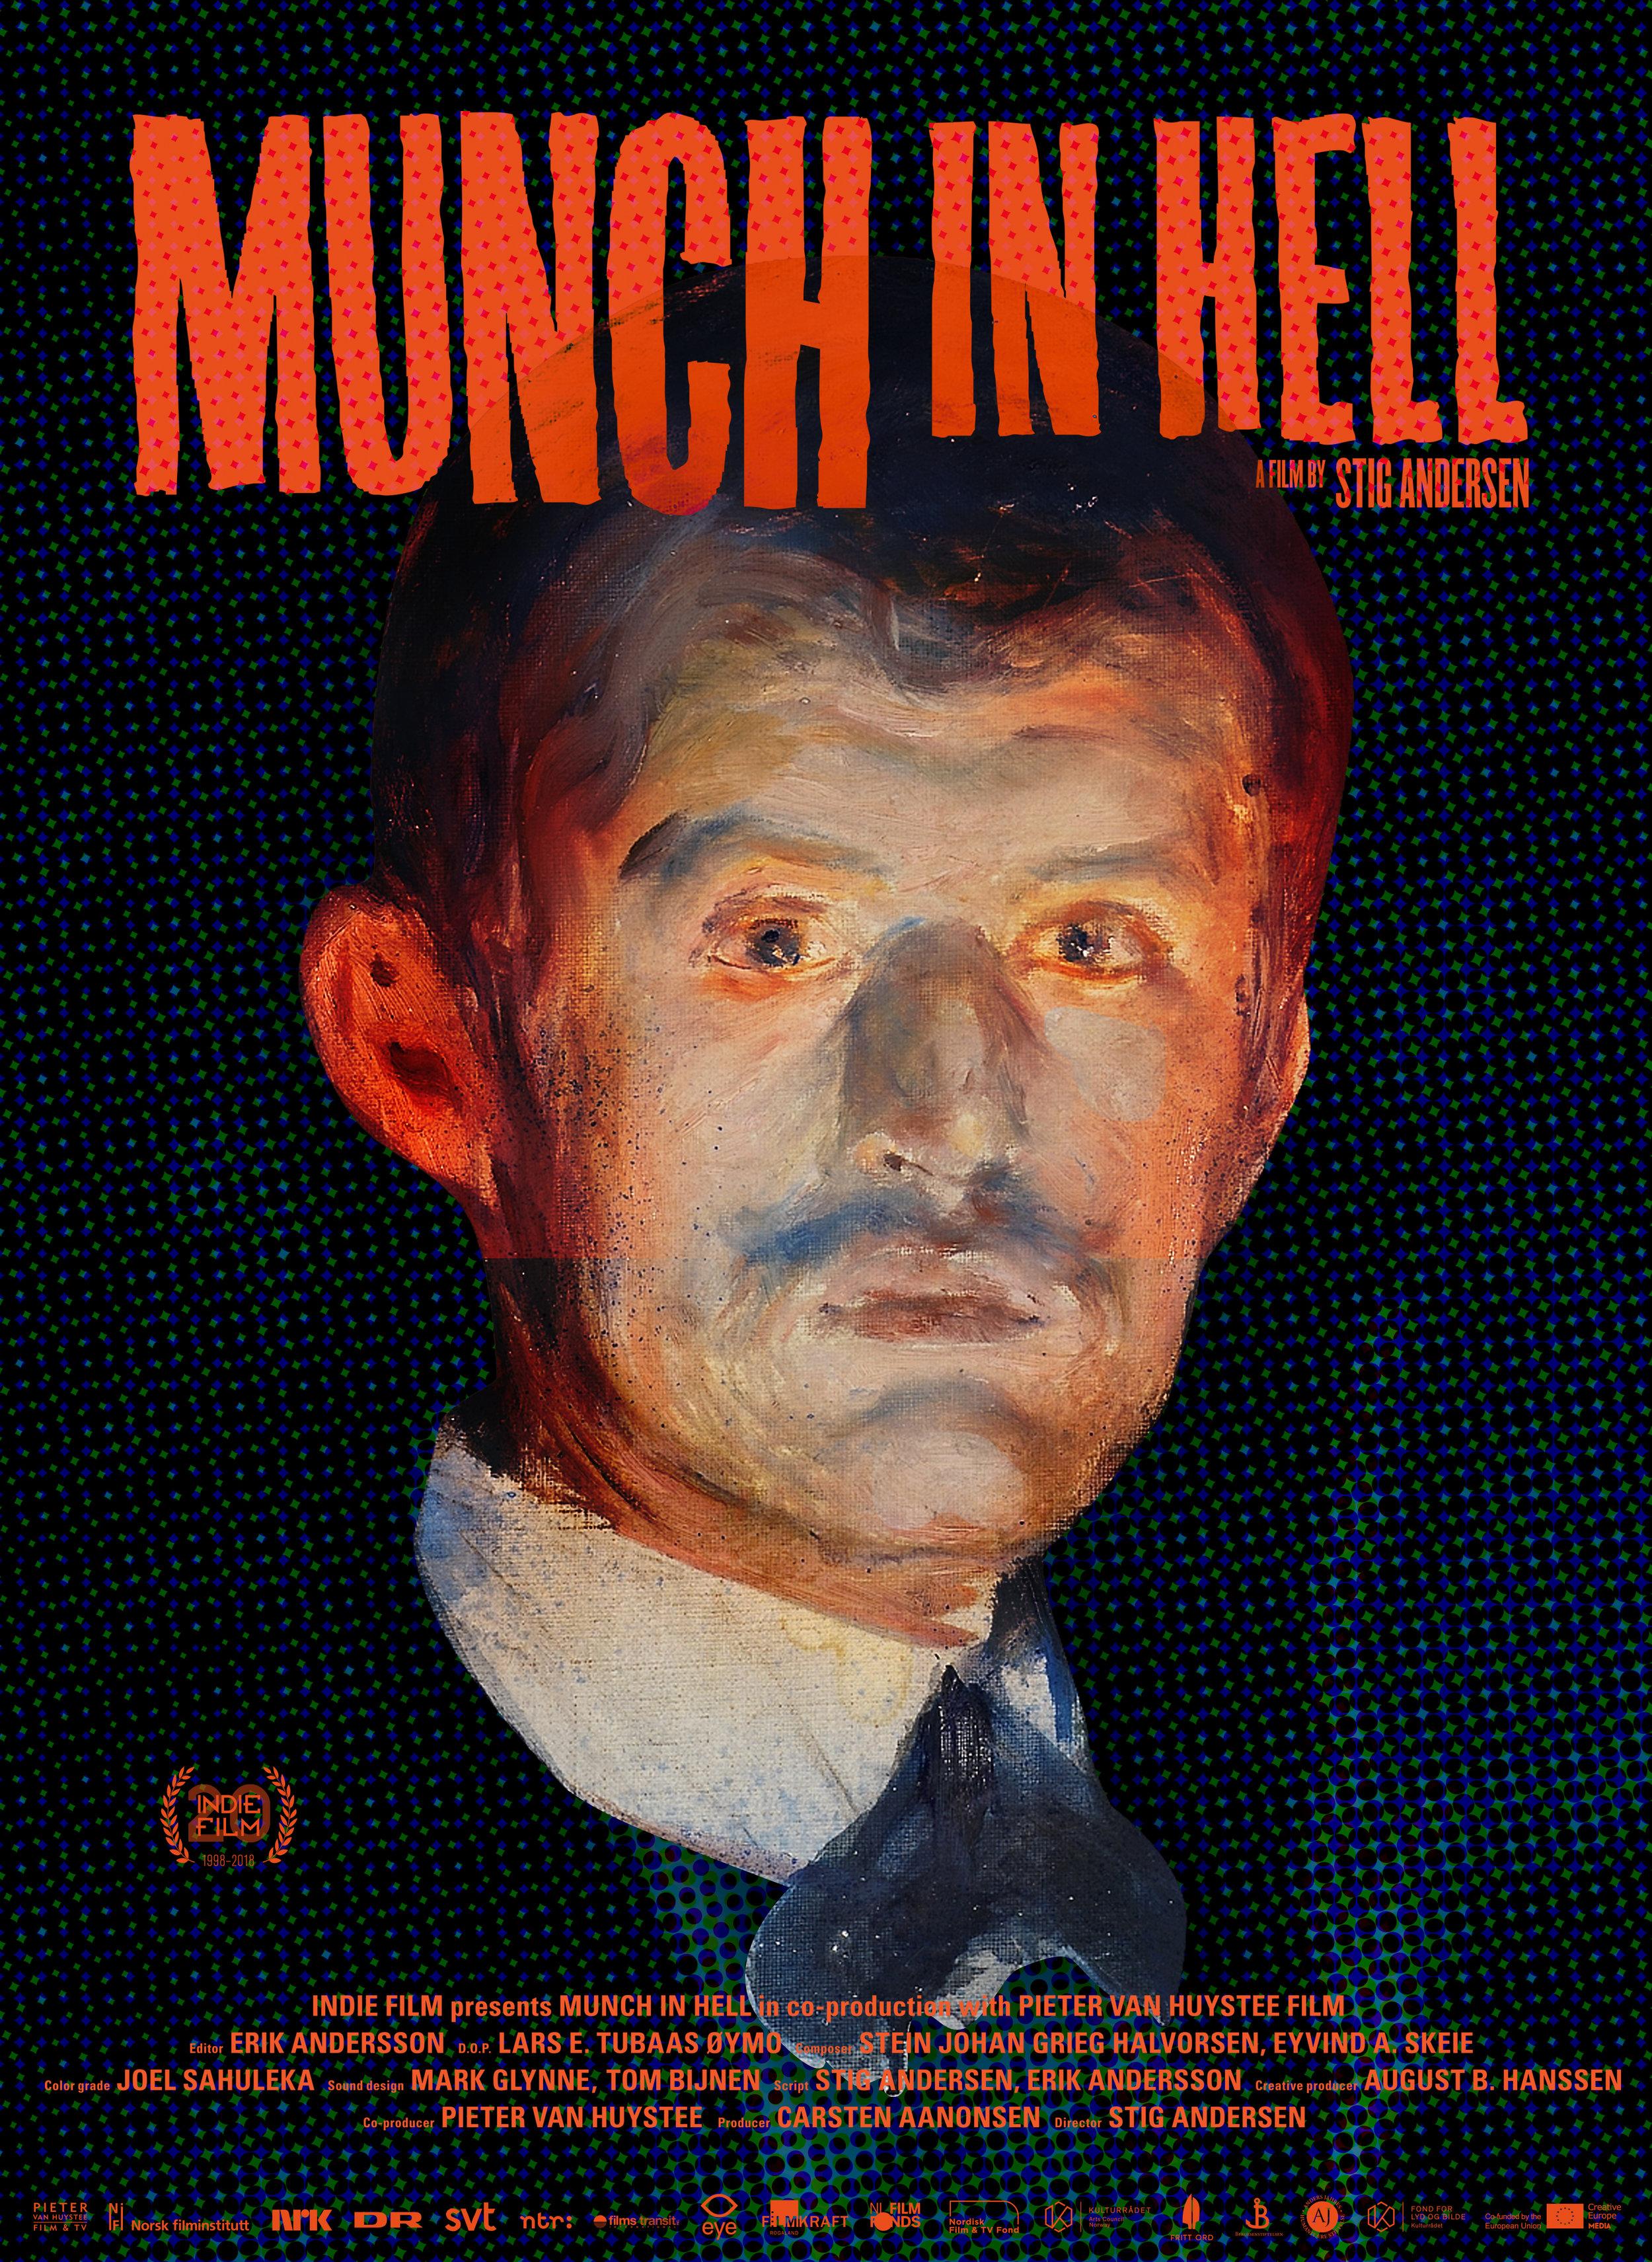 MunchInHell_poster_final_UK.jpg